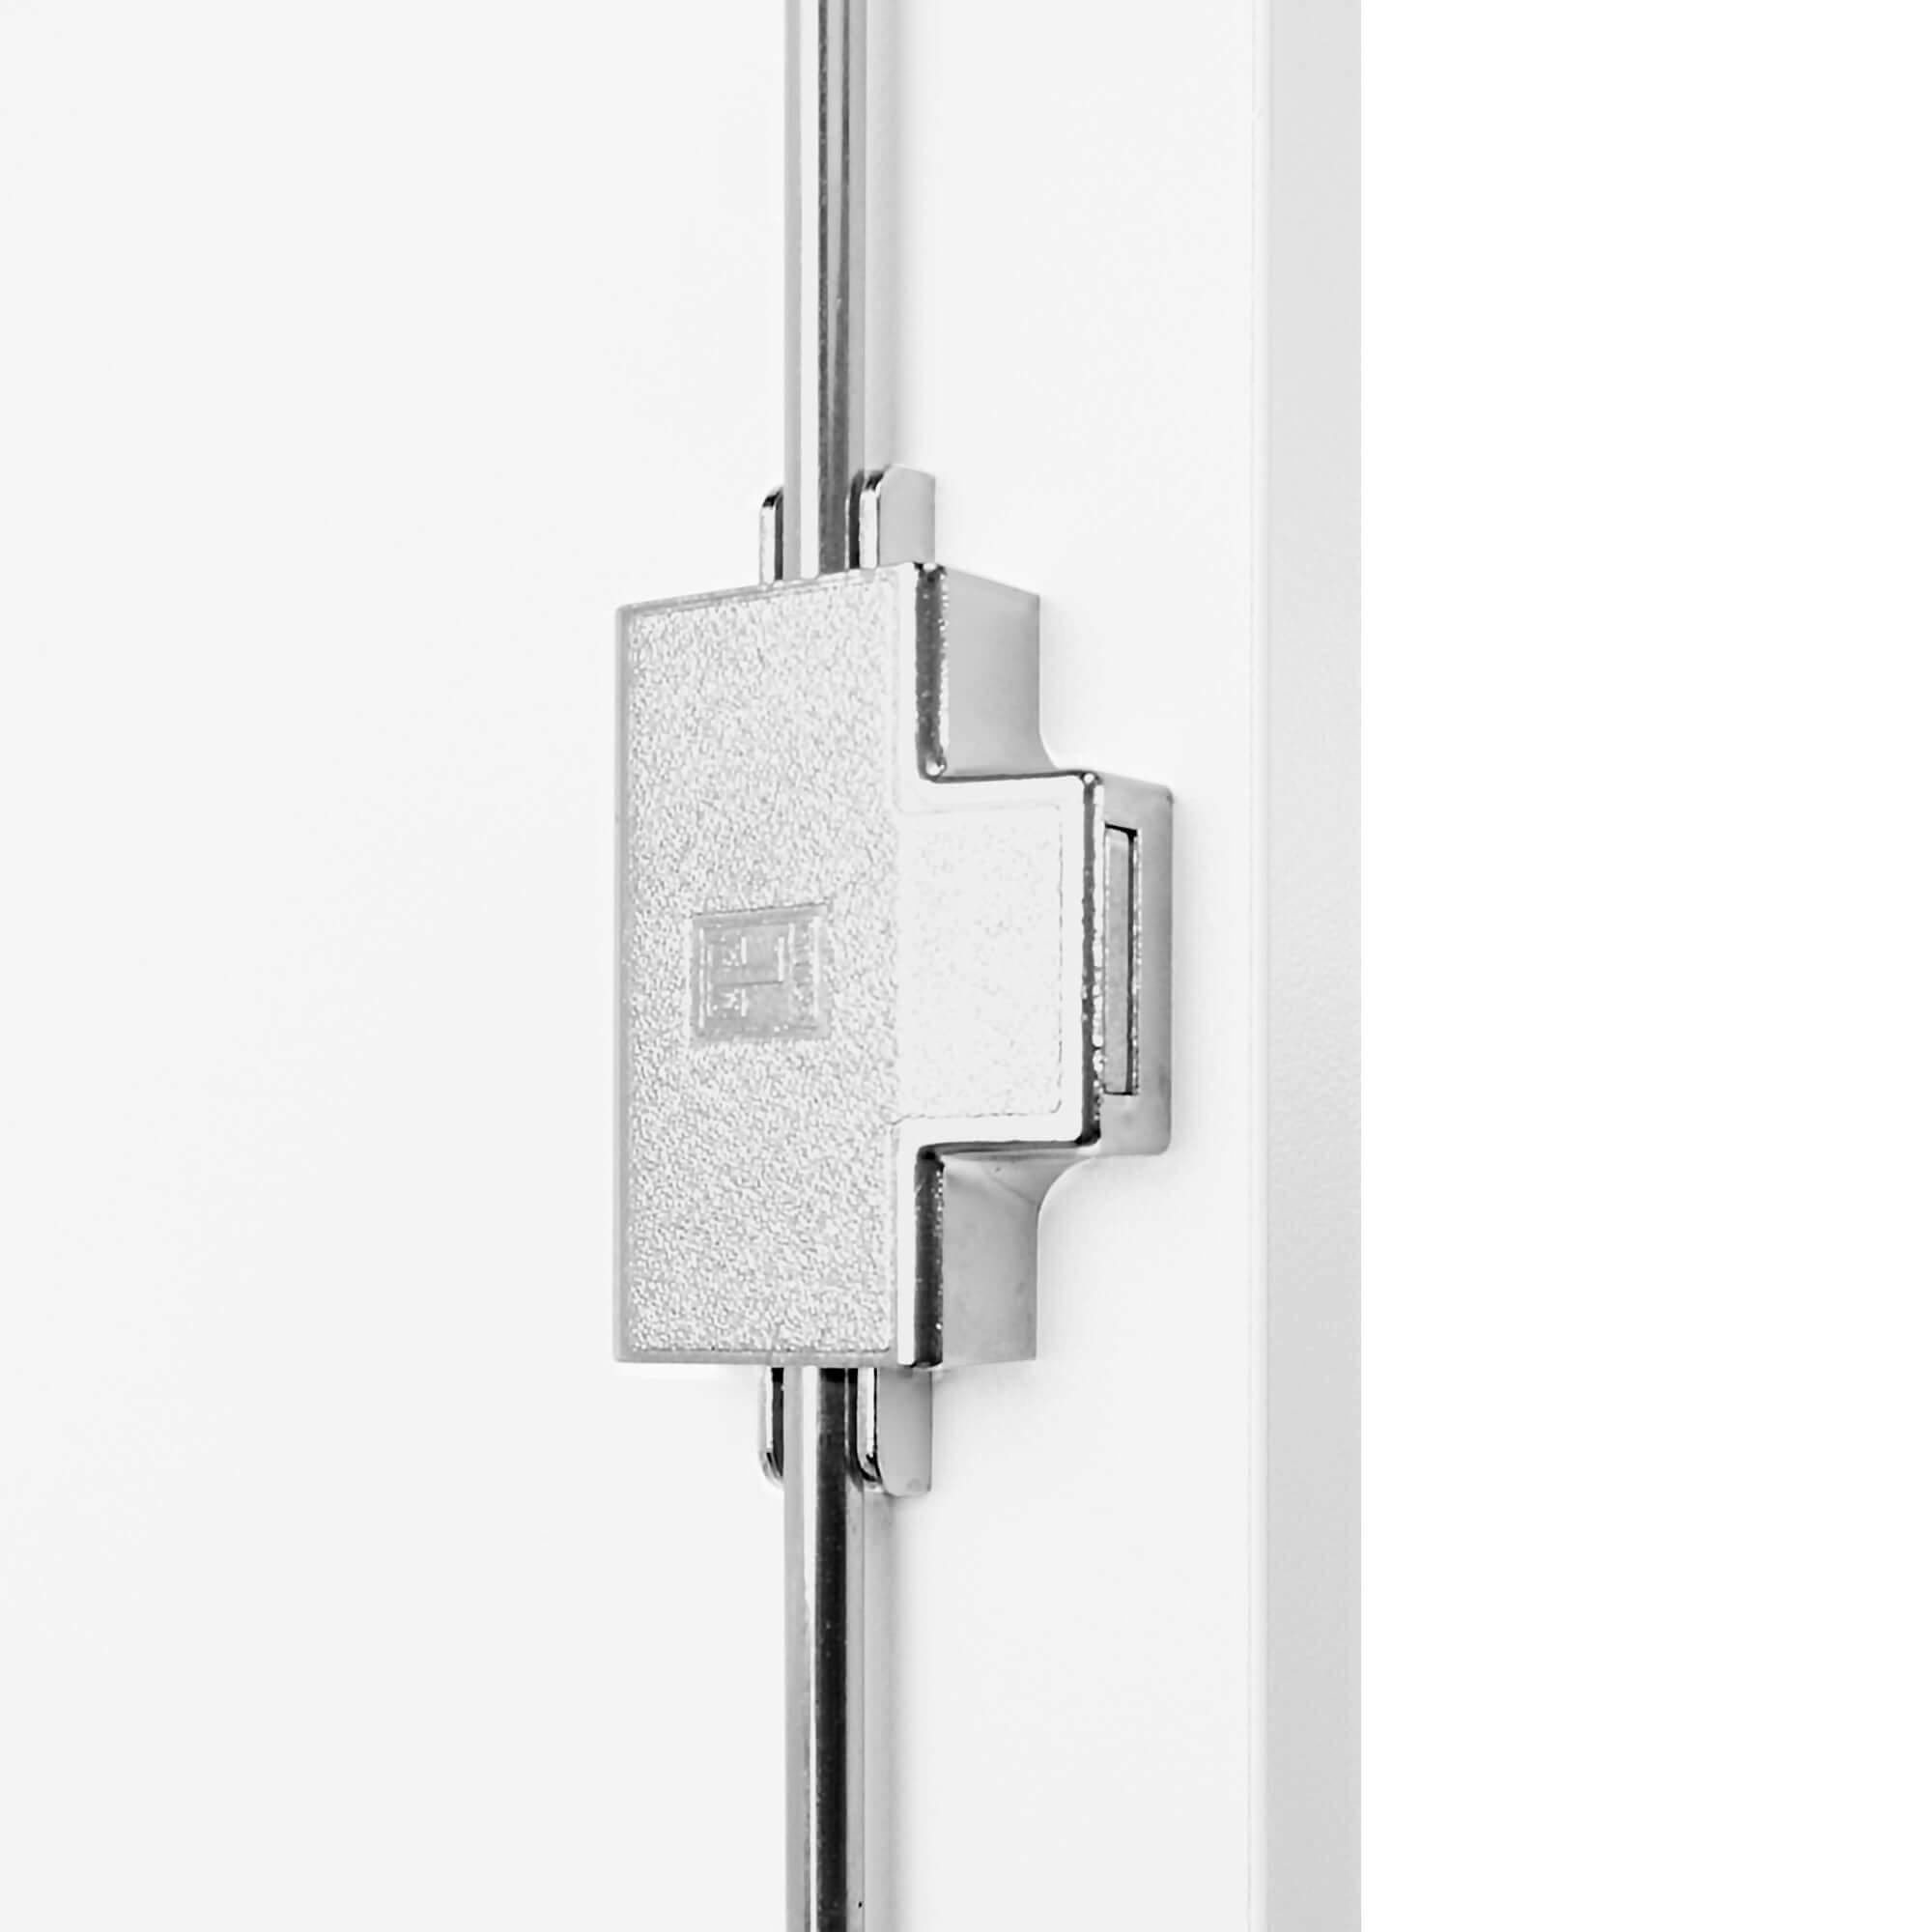 PROFI Kombischrank abschließbar 5 OH Weiß Schrank Büroschrank Flügeltürenschrank